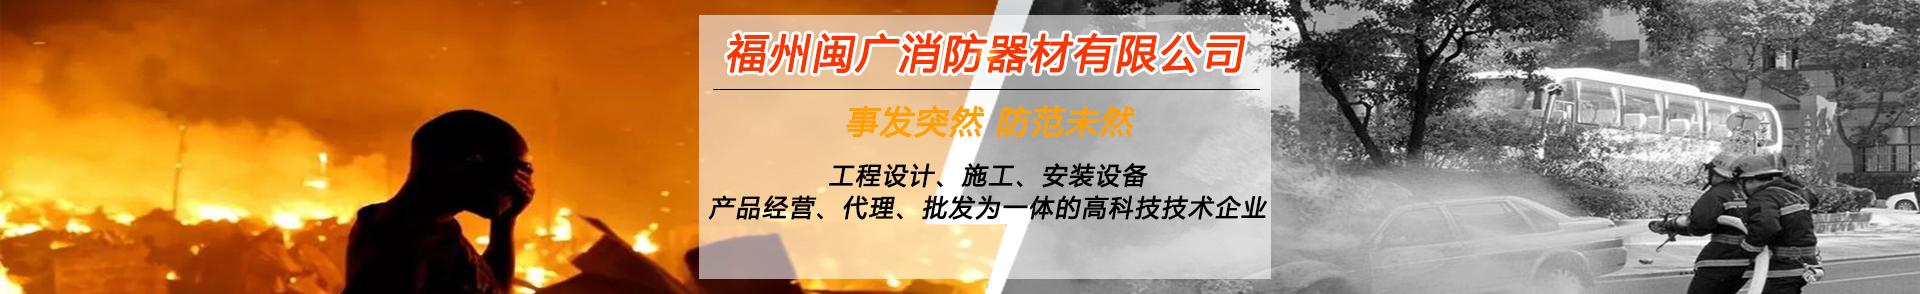 福州消防器材,福州消防设备,消防器材厂家